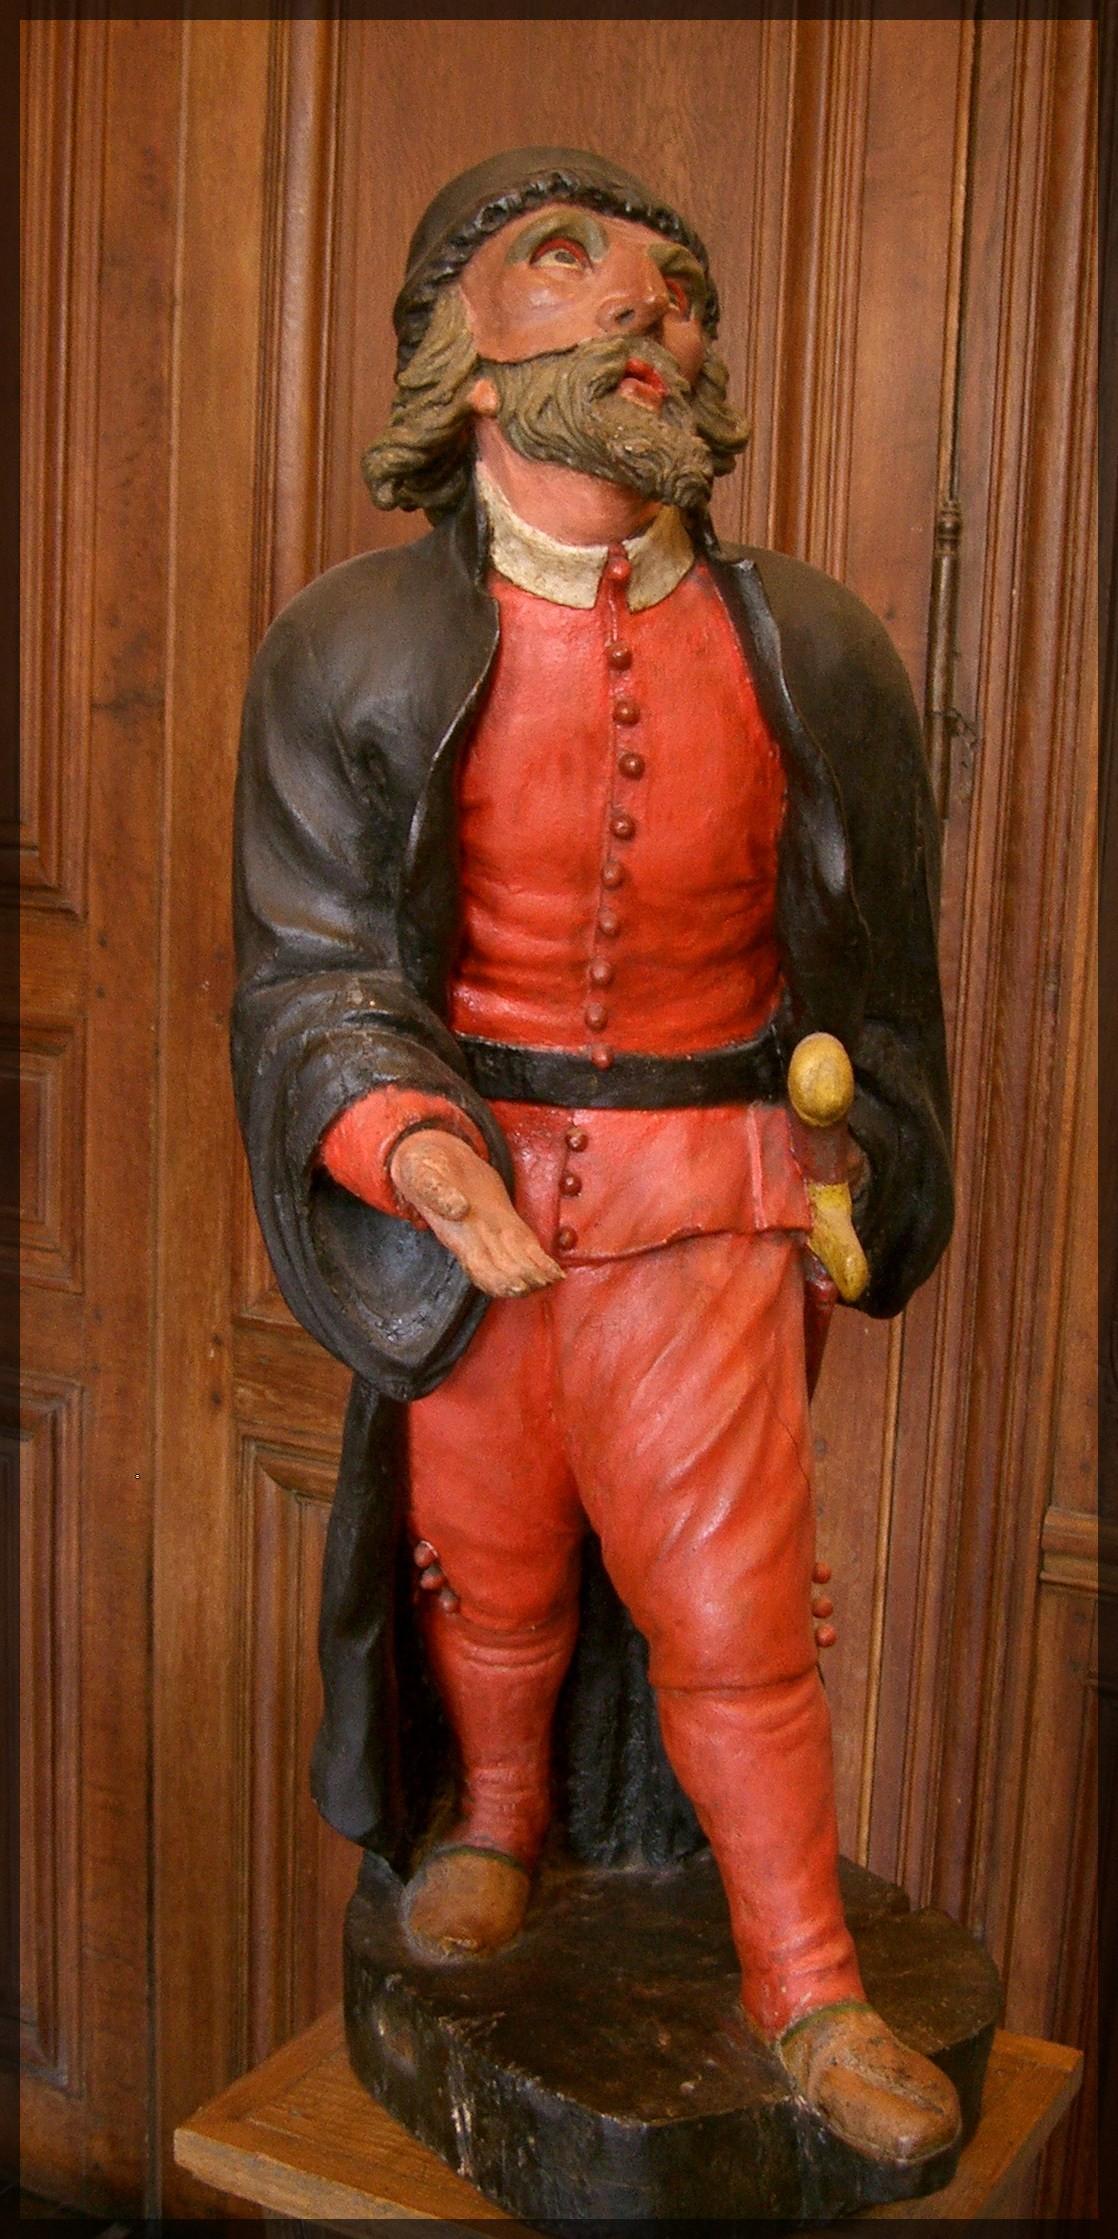 Nouvel File:Pantalone - commedia dell'arte.JPG - Wikimedia Commons WD-79